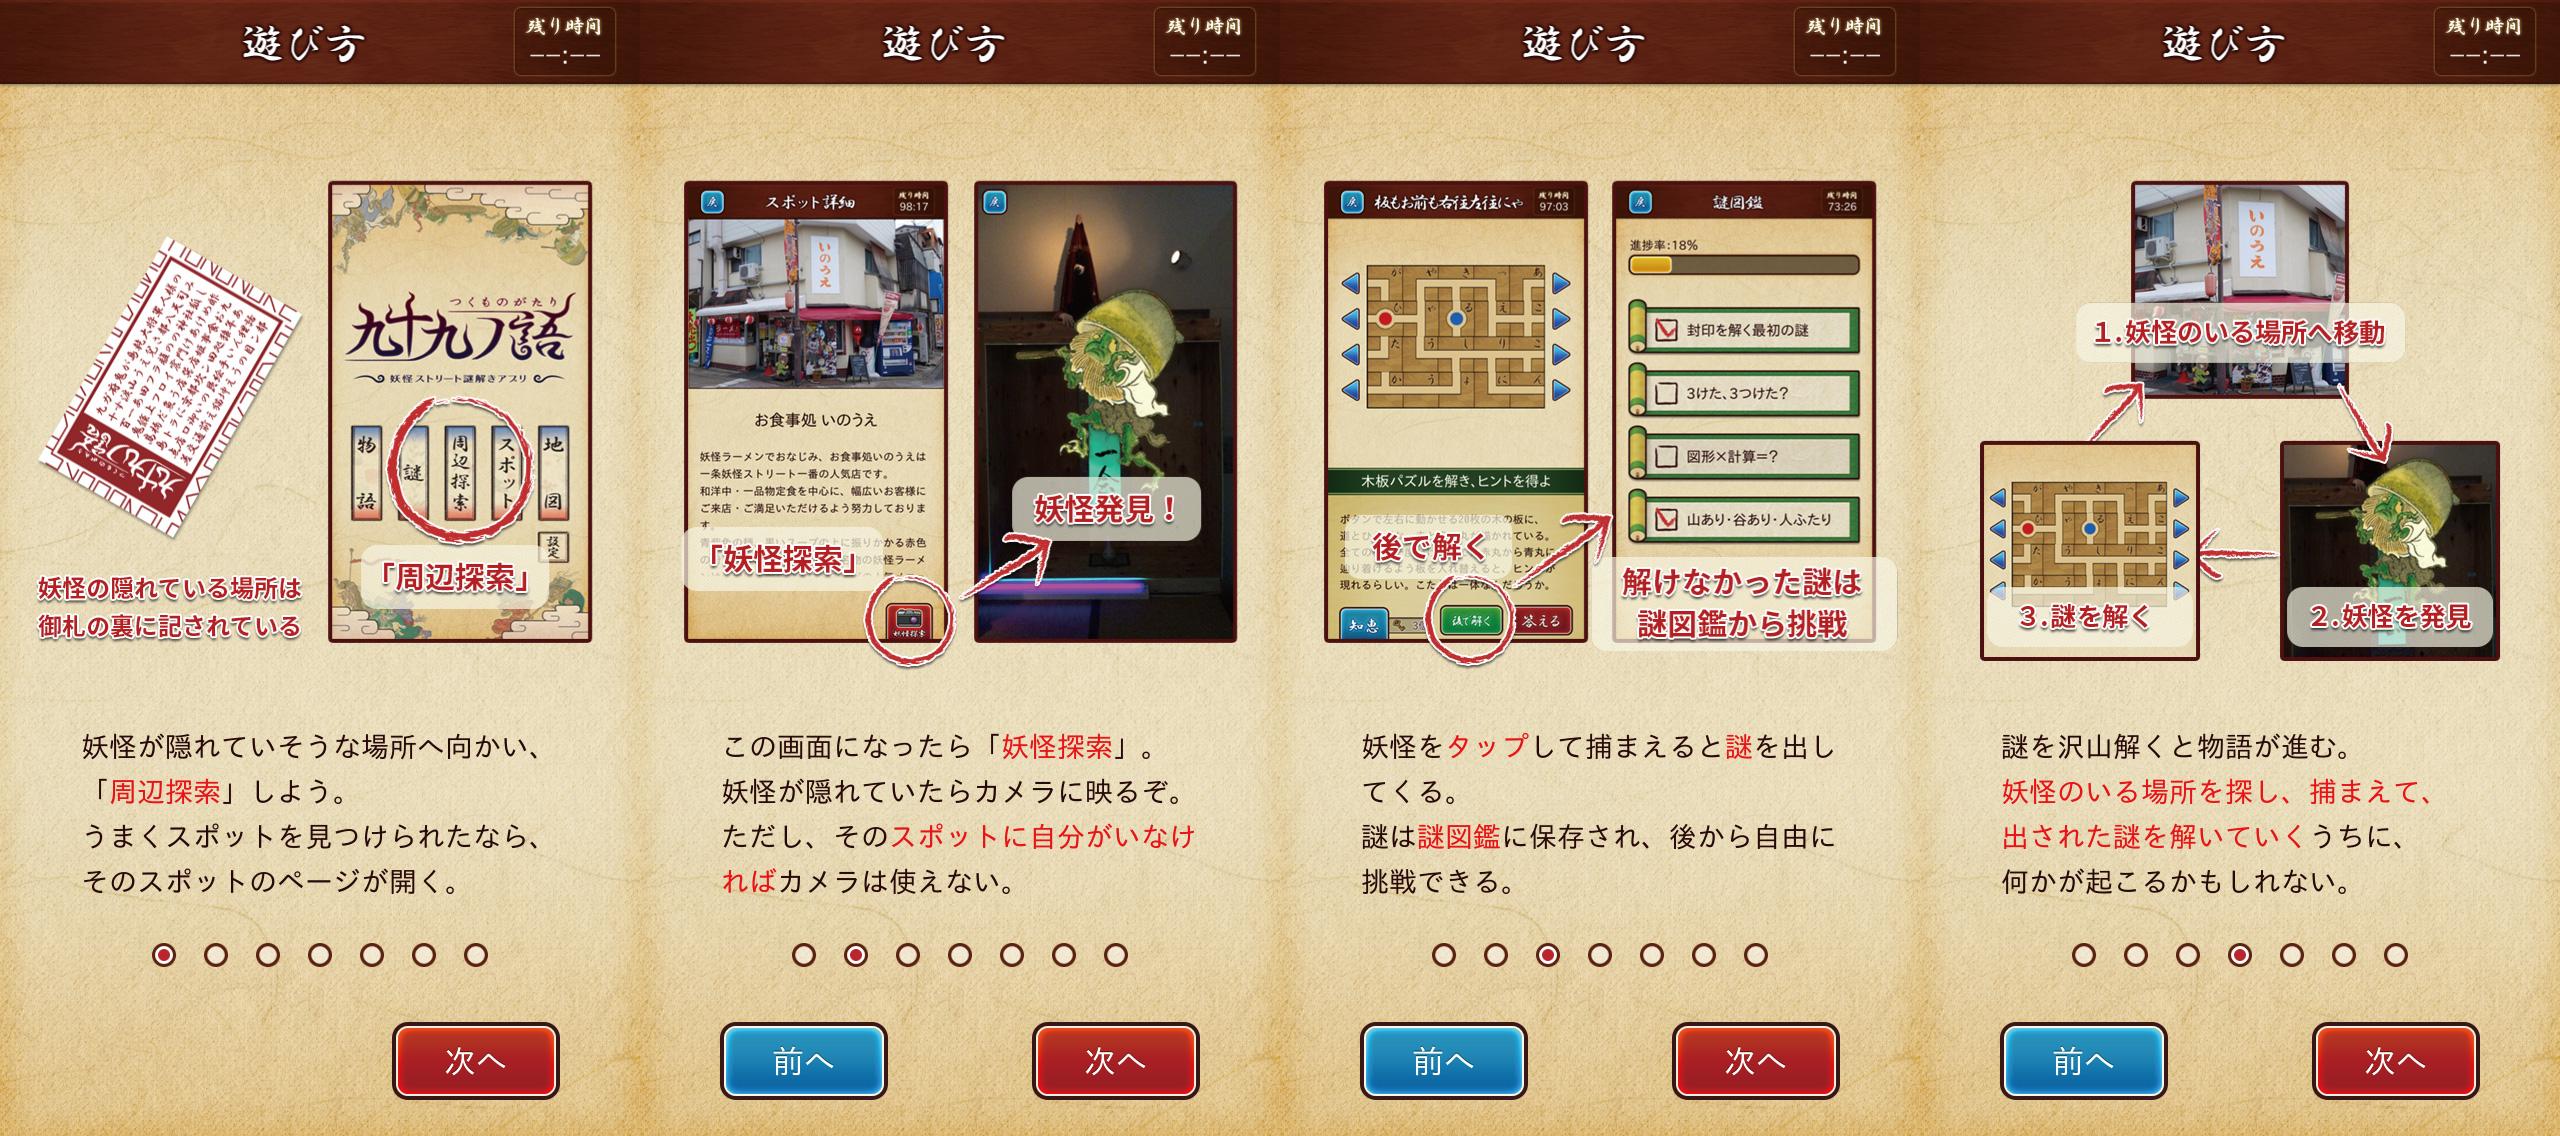 謎解きアプリ